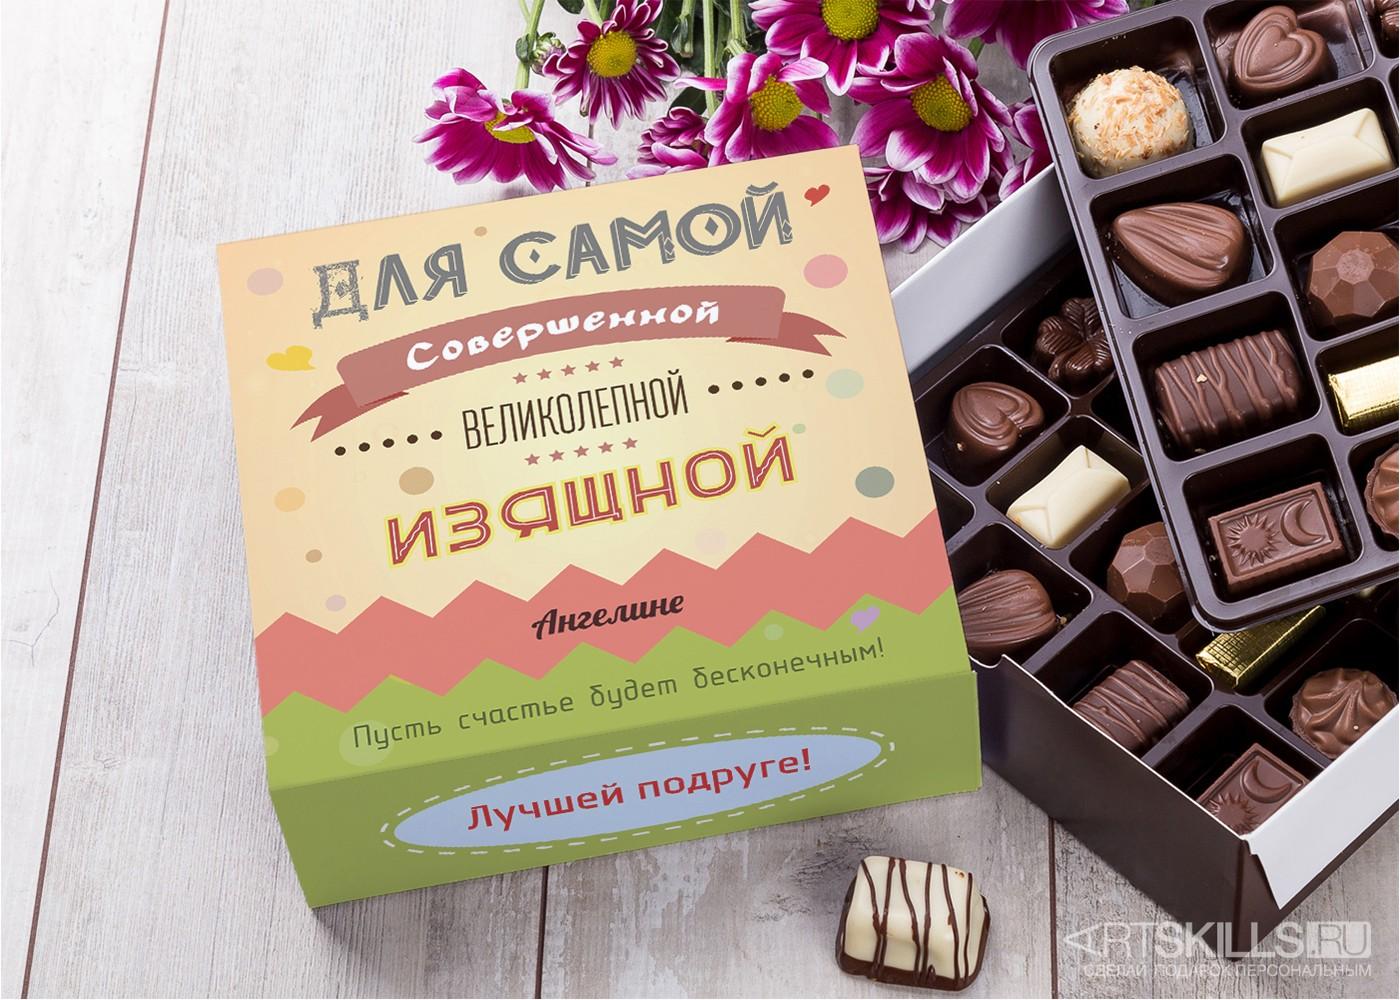 Бельгийский шоколад в подарочной упаковке Классной подружке